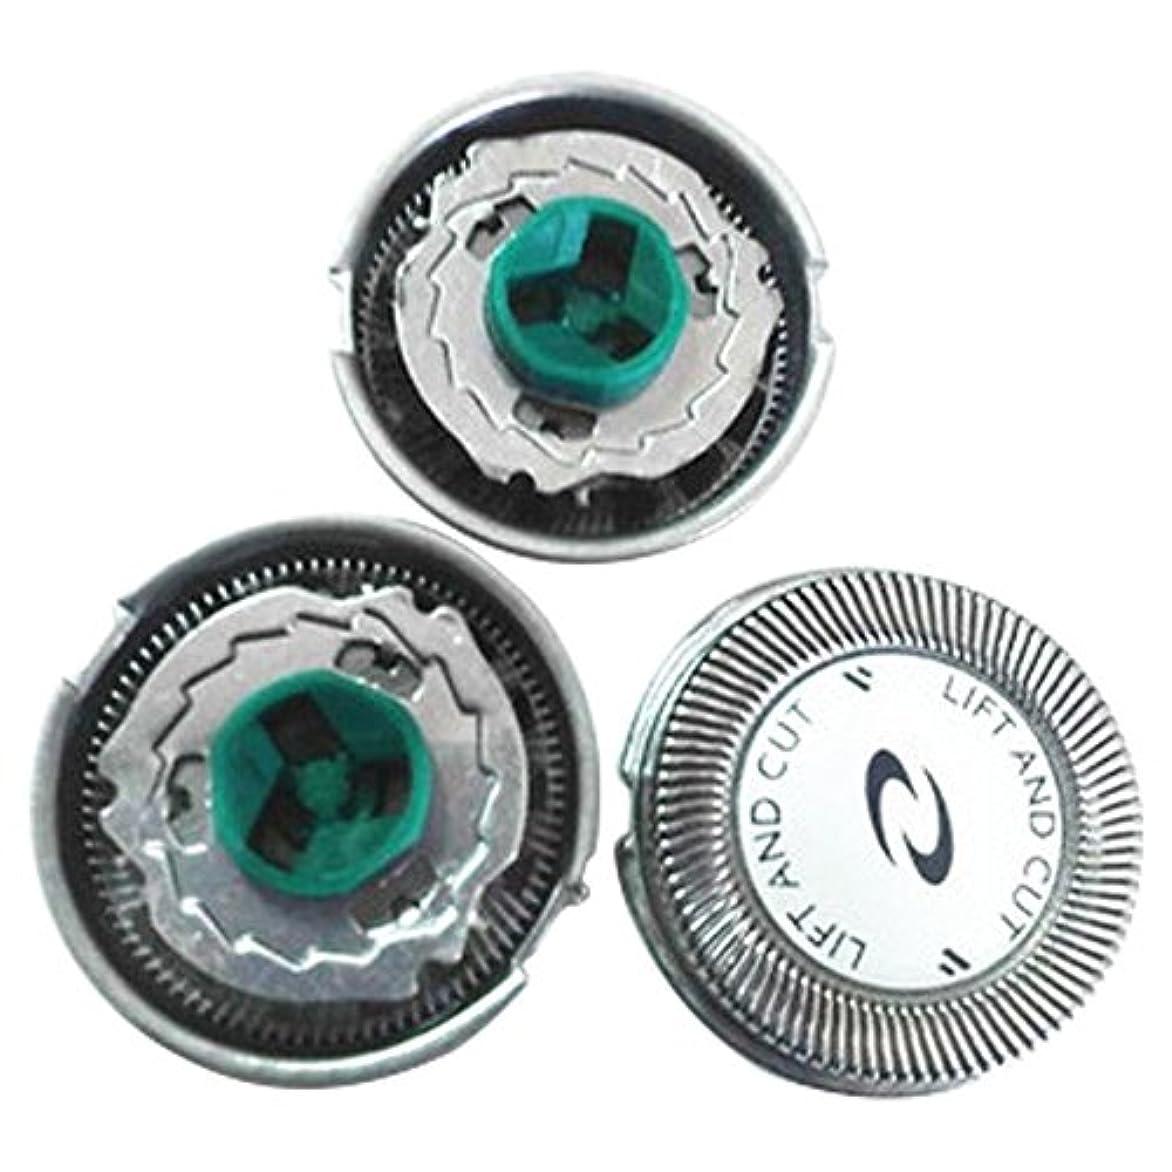 学者髄気を散らすHzjundasi 置換 シェーバー かみそり 頭 刃 for Philips HQ7310 PT720 PT725 HQ7140 HQ7390